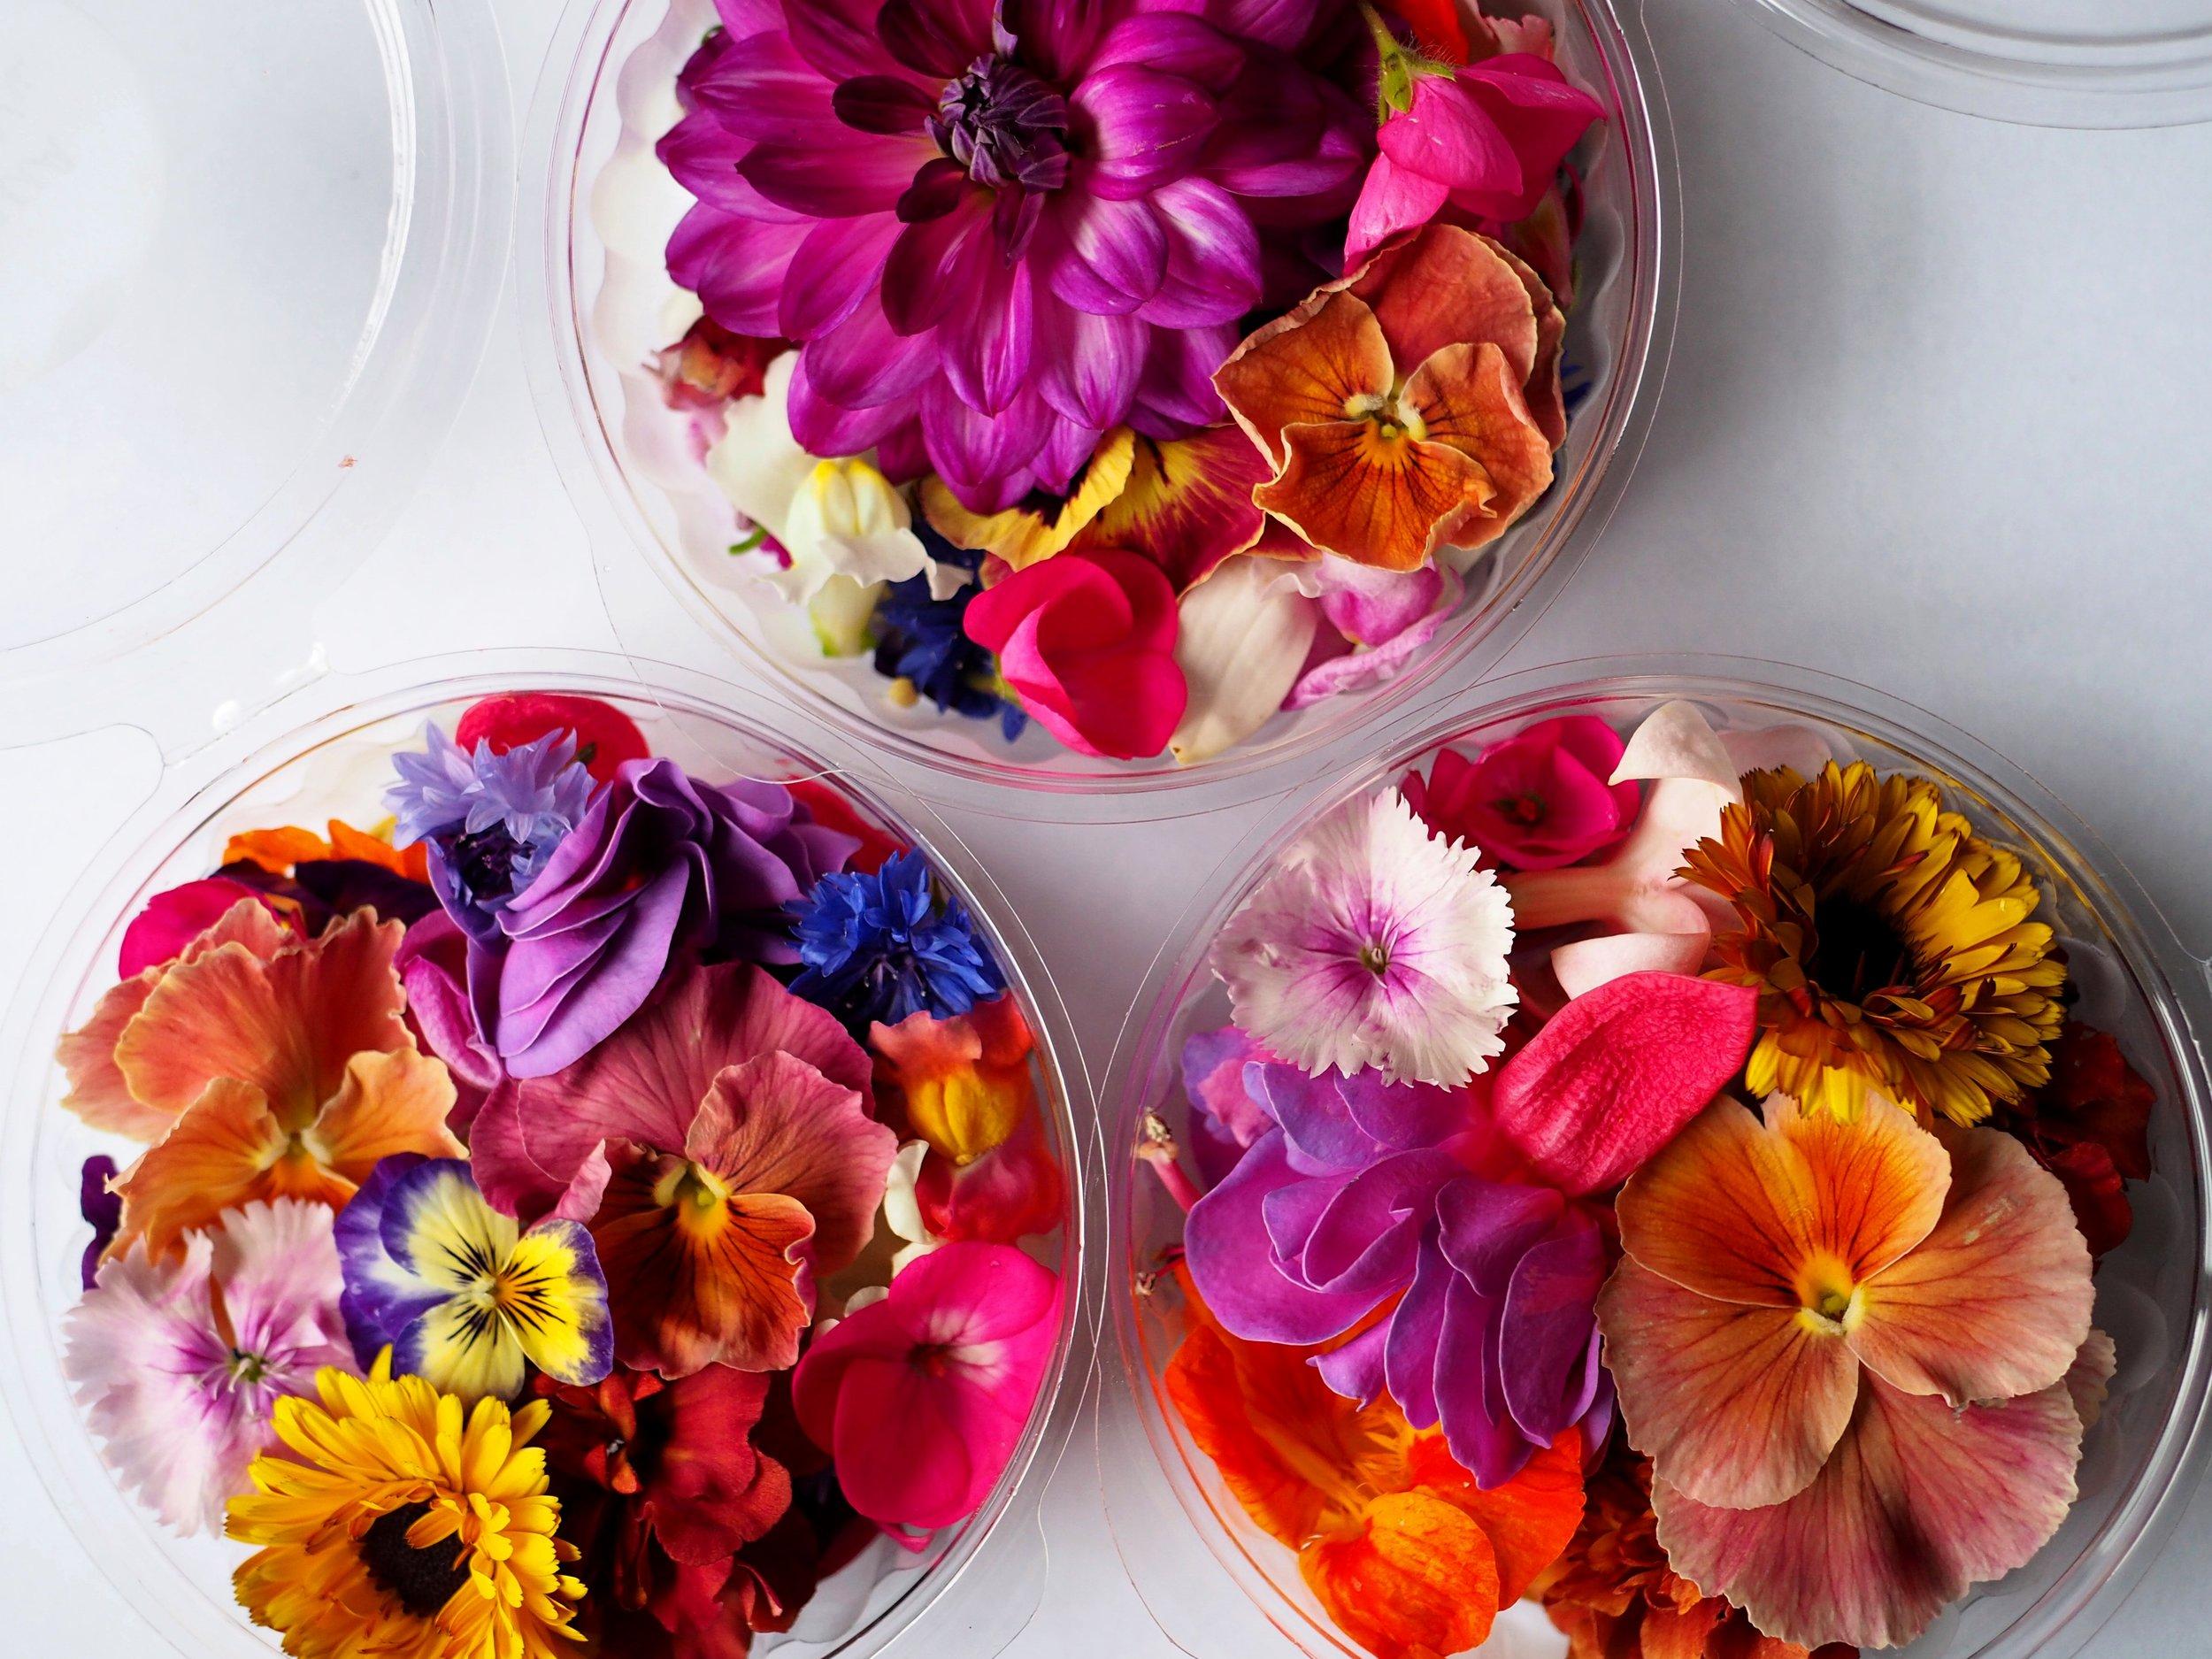 2018-03-23 Edible flowers 006.JPG